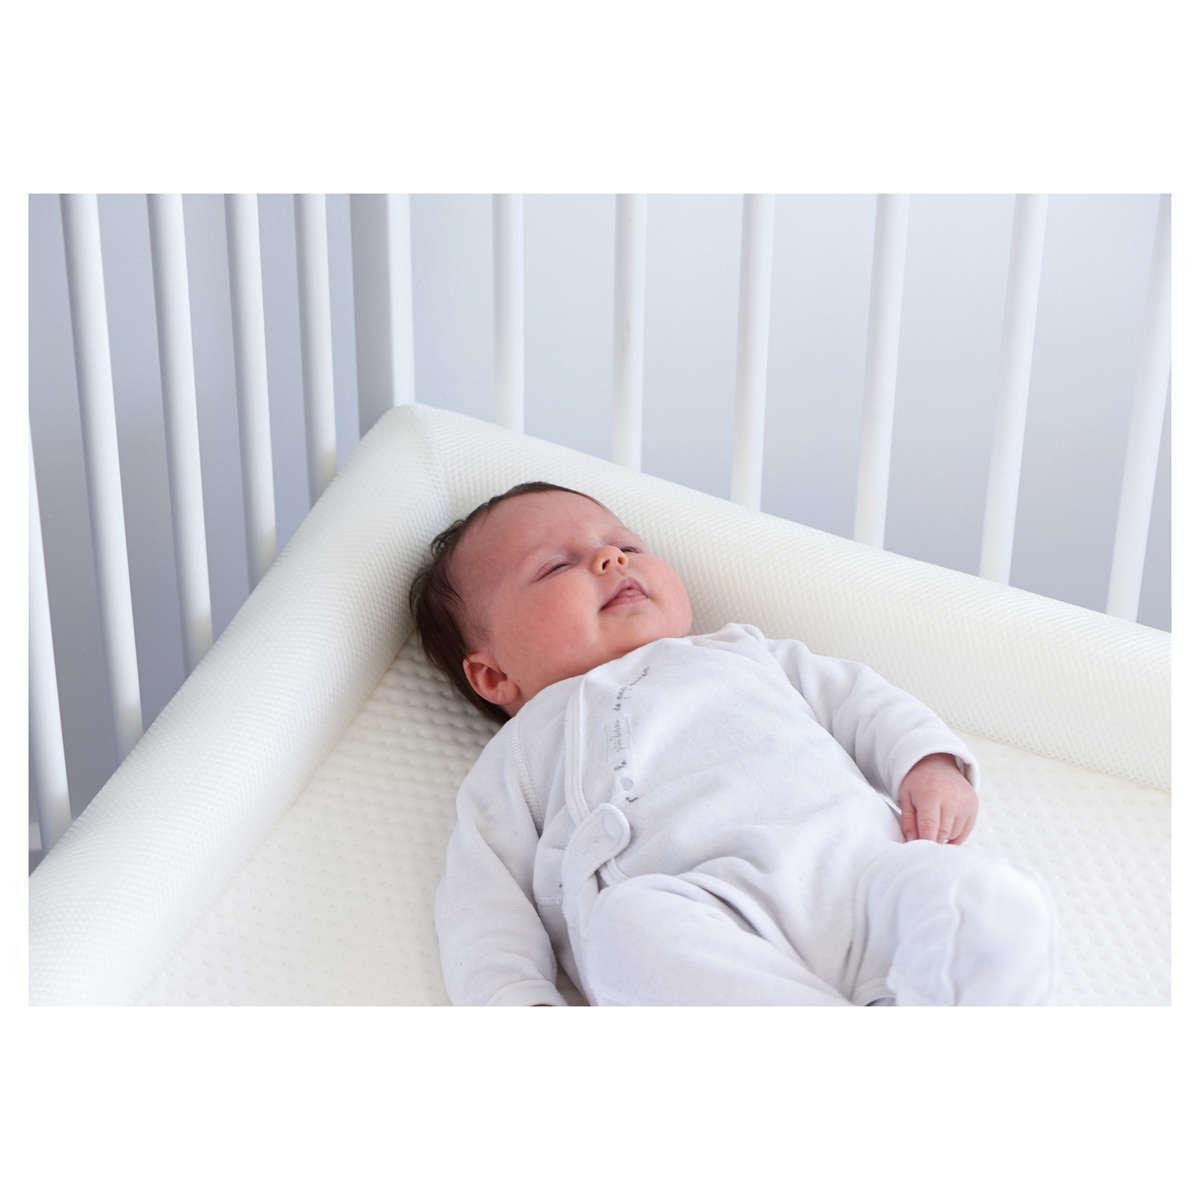 matelas d houssable sleep safe croissance 70x140 cm 584254 achat vente matelas b b sur. Black Bedroom Furniture Sets. Home Design Ideas